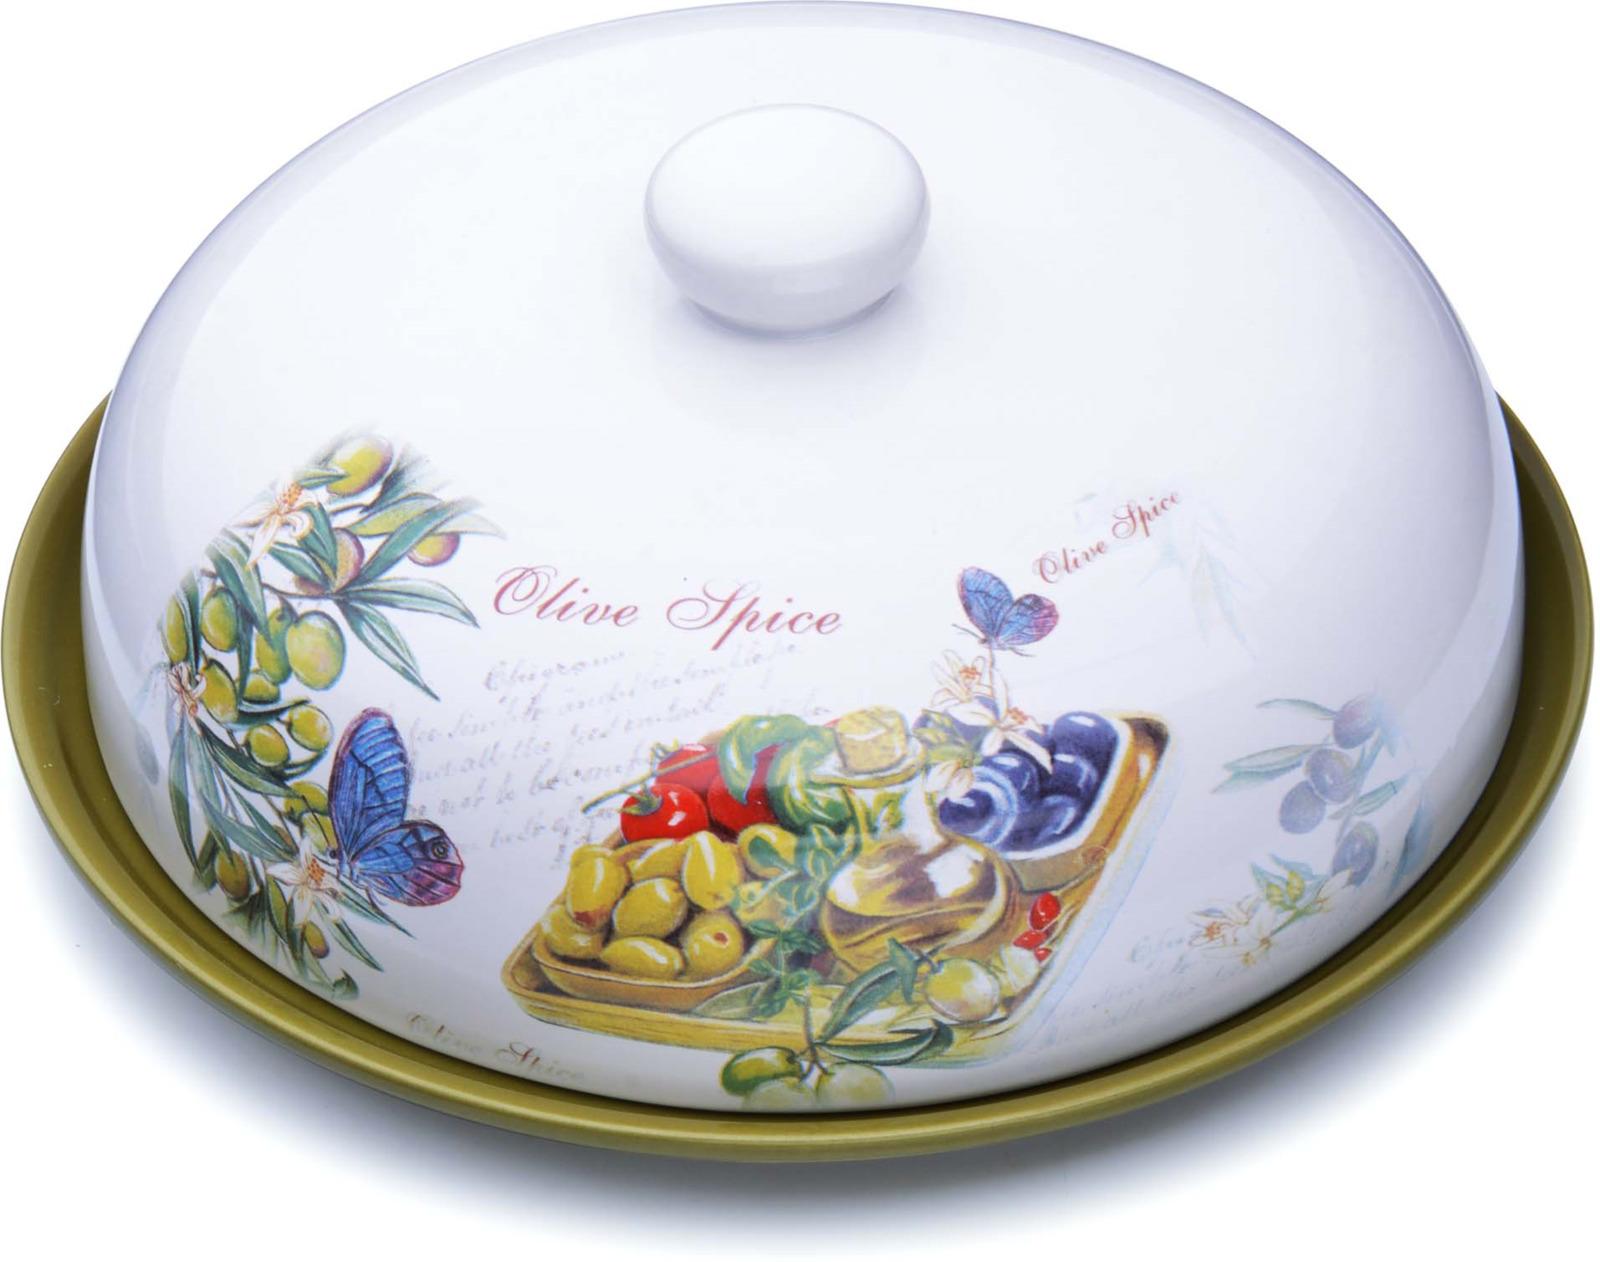 Блюдо для блинов Loraine изготовлена из доломитовой керамики высокого качества и украшена красивым рисунком. Изделие оснащено крышкой и предназначено для сохранения температуры блинов перед подачей на стол. Такое блюдо понравится любителям яркого оригинального дизайна и станет неотъемлемым атрибутом. Блюдо упаковано в индивидуальную коробку. Подходит для мытья в посудомоечной машине.